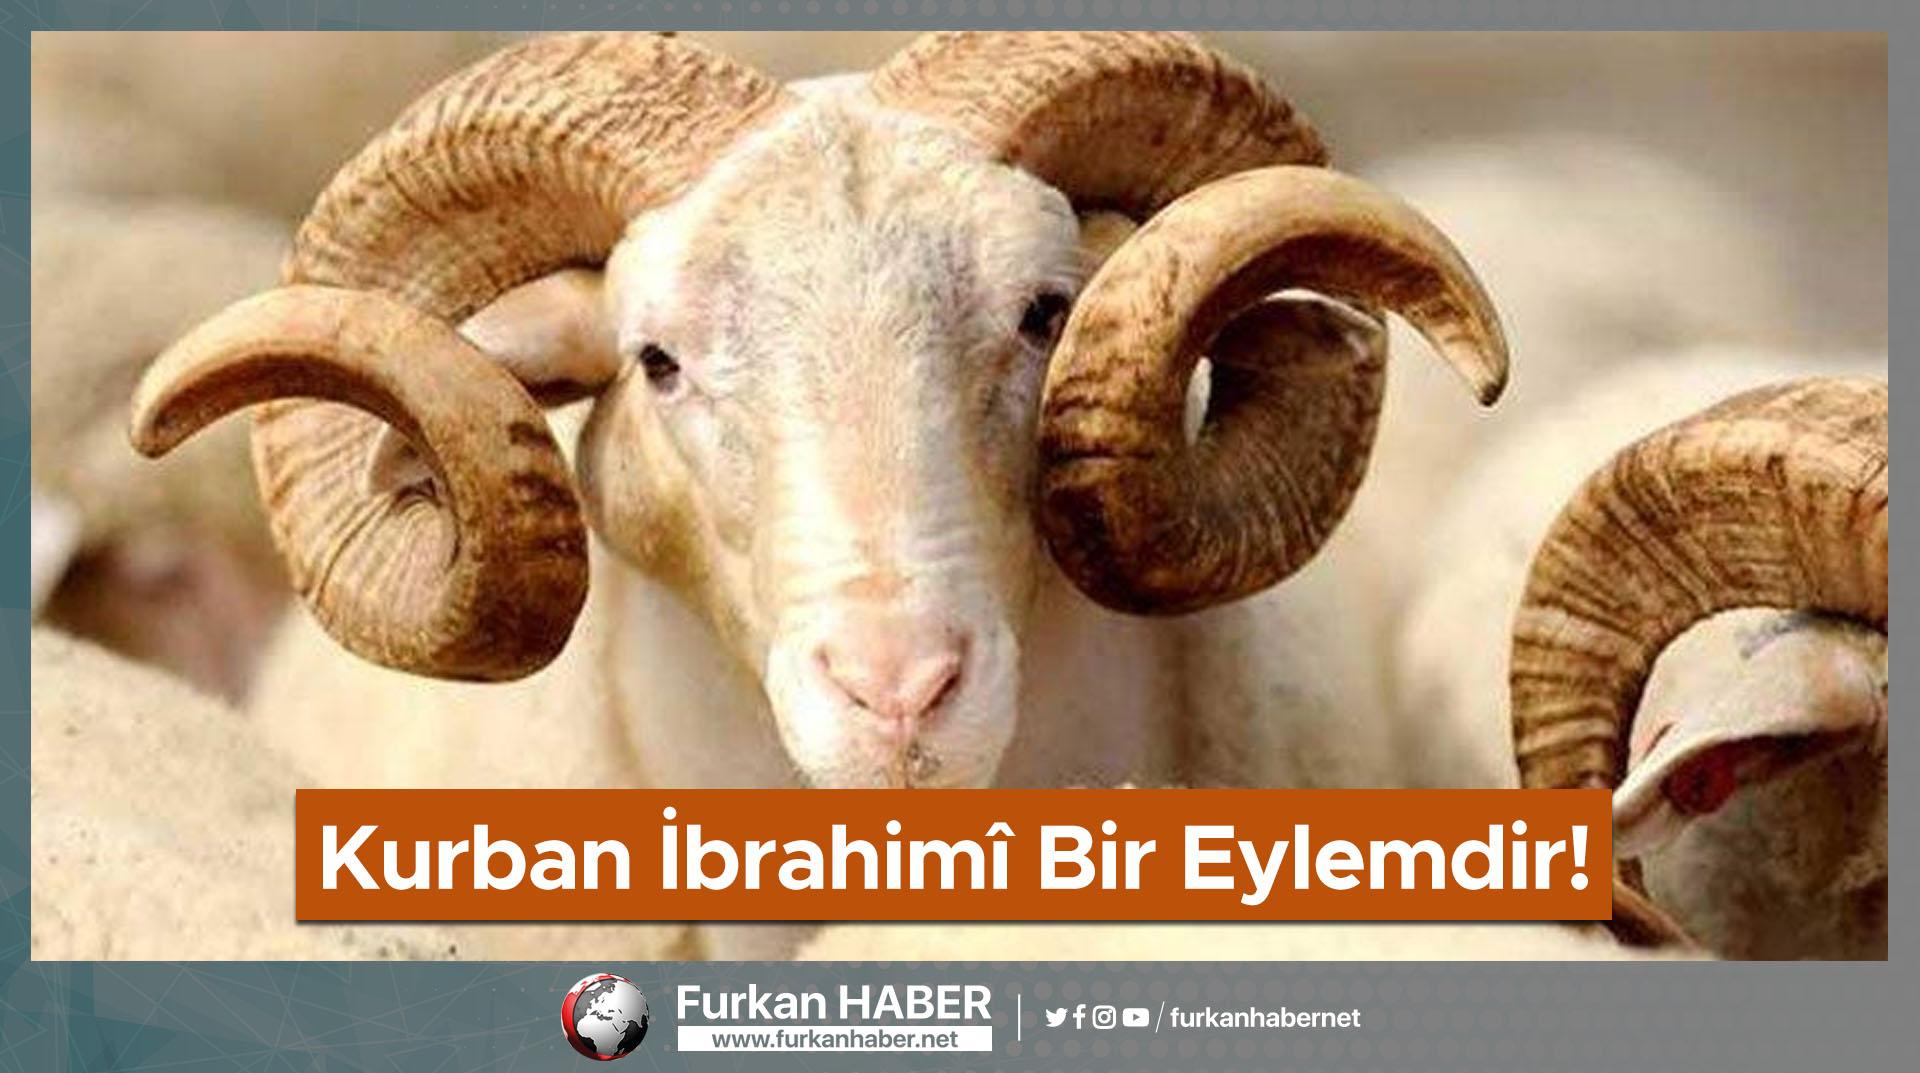 Kurban İbrahimî Bir Eylemdir!